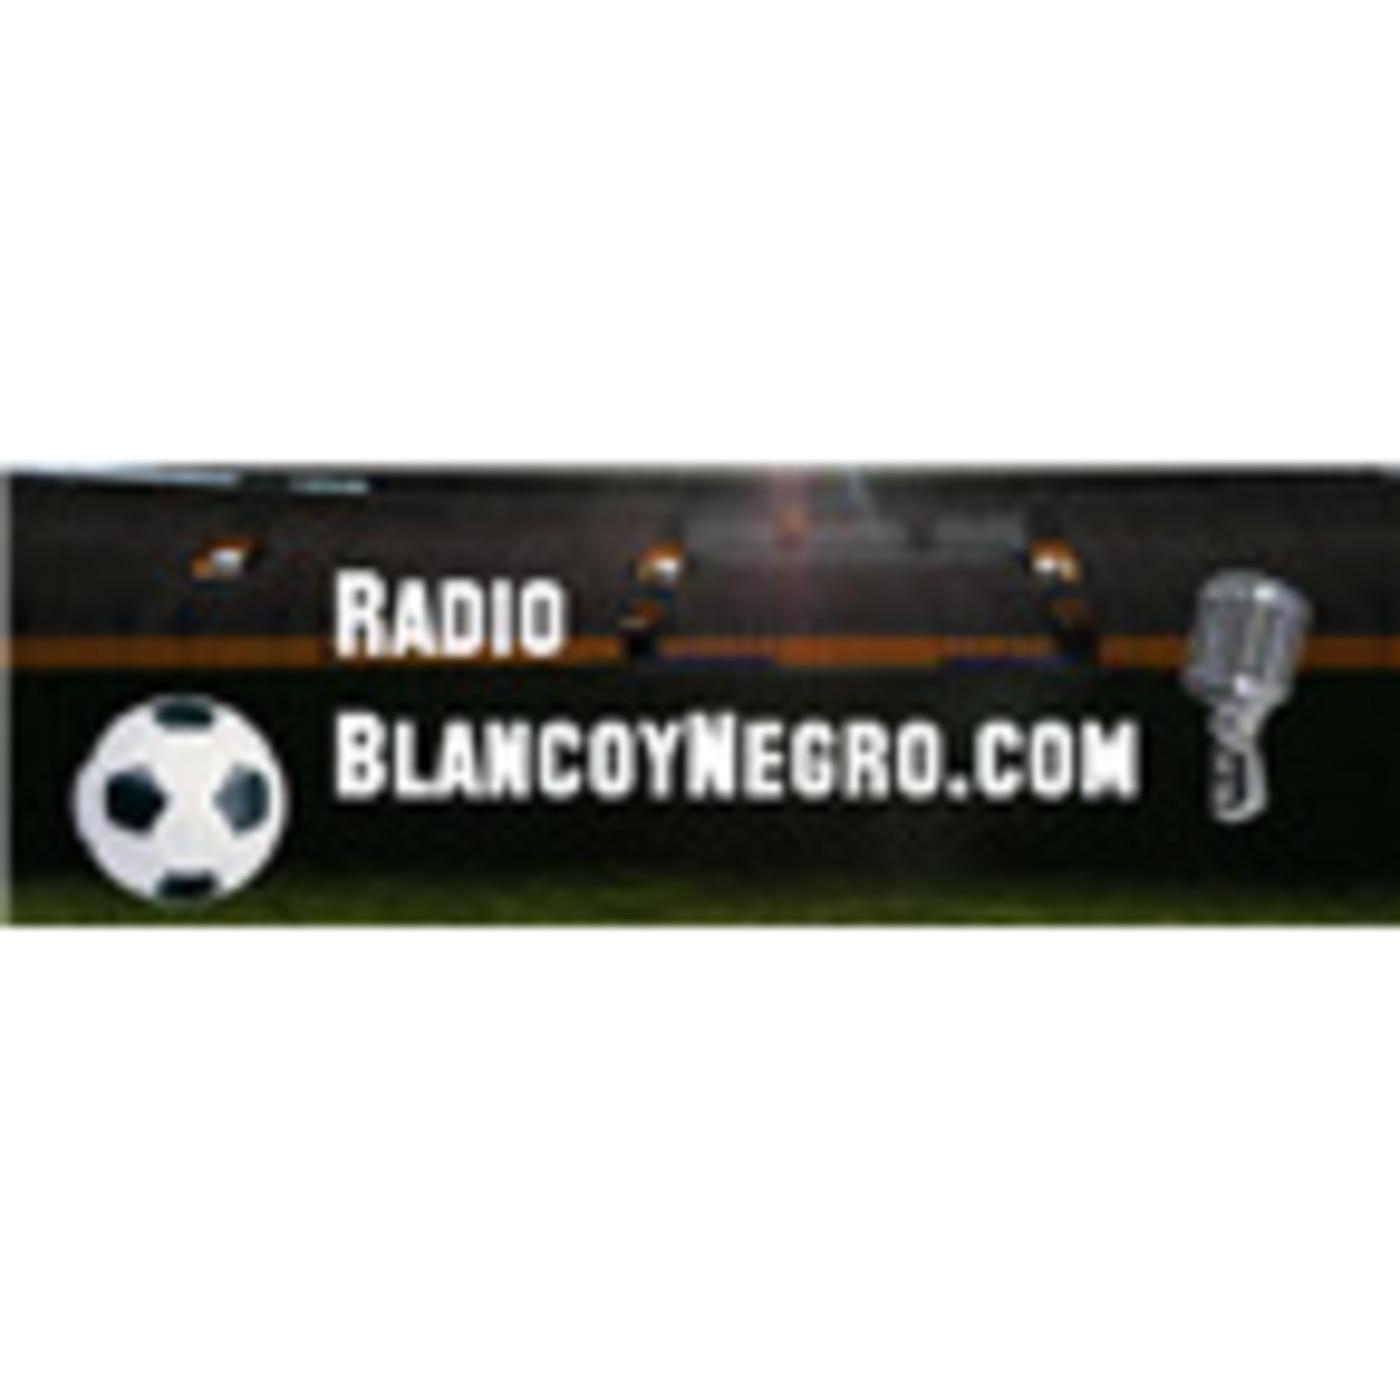 Radio Blanco y Negro